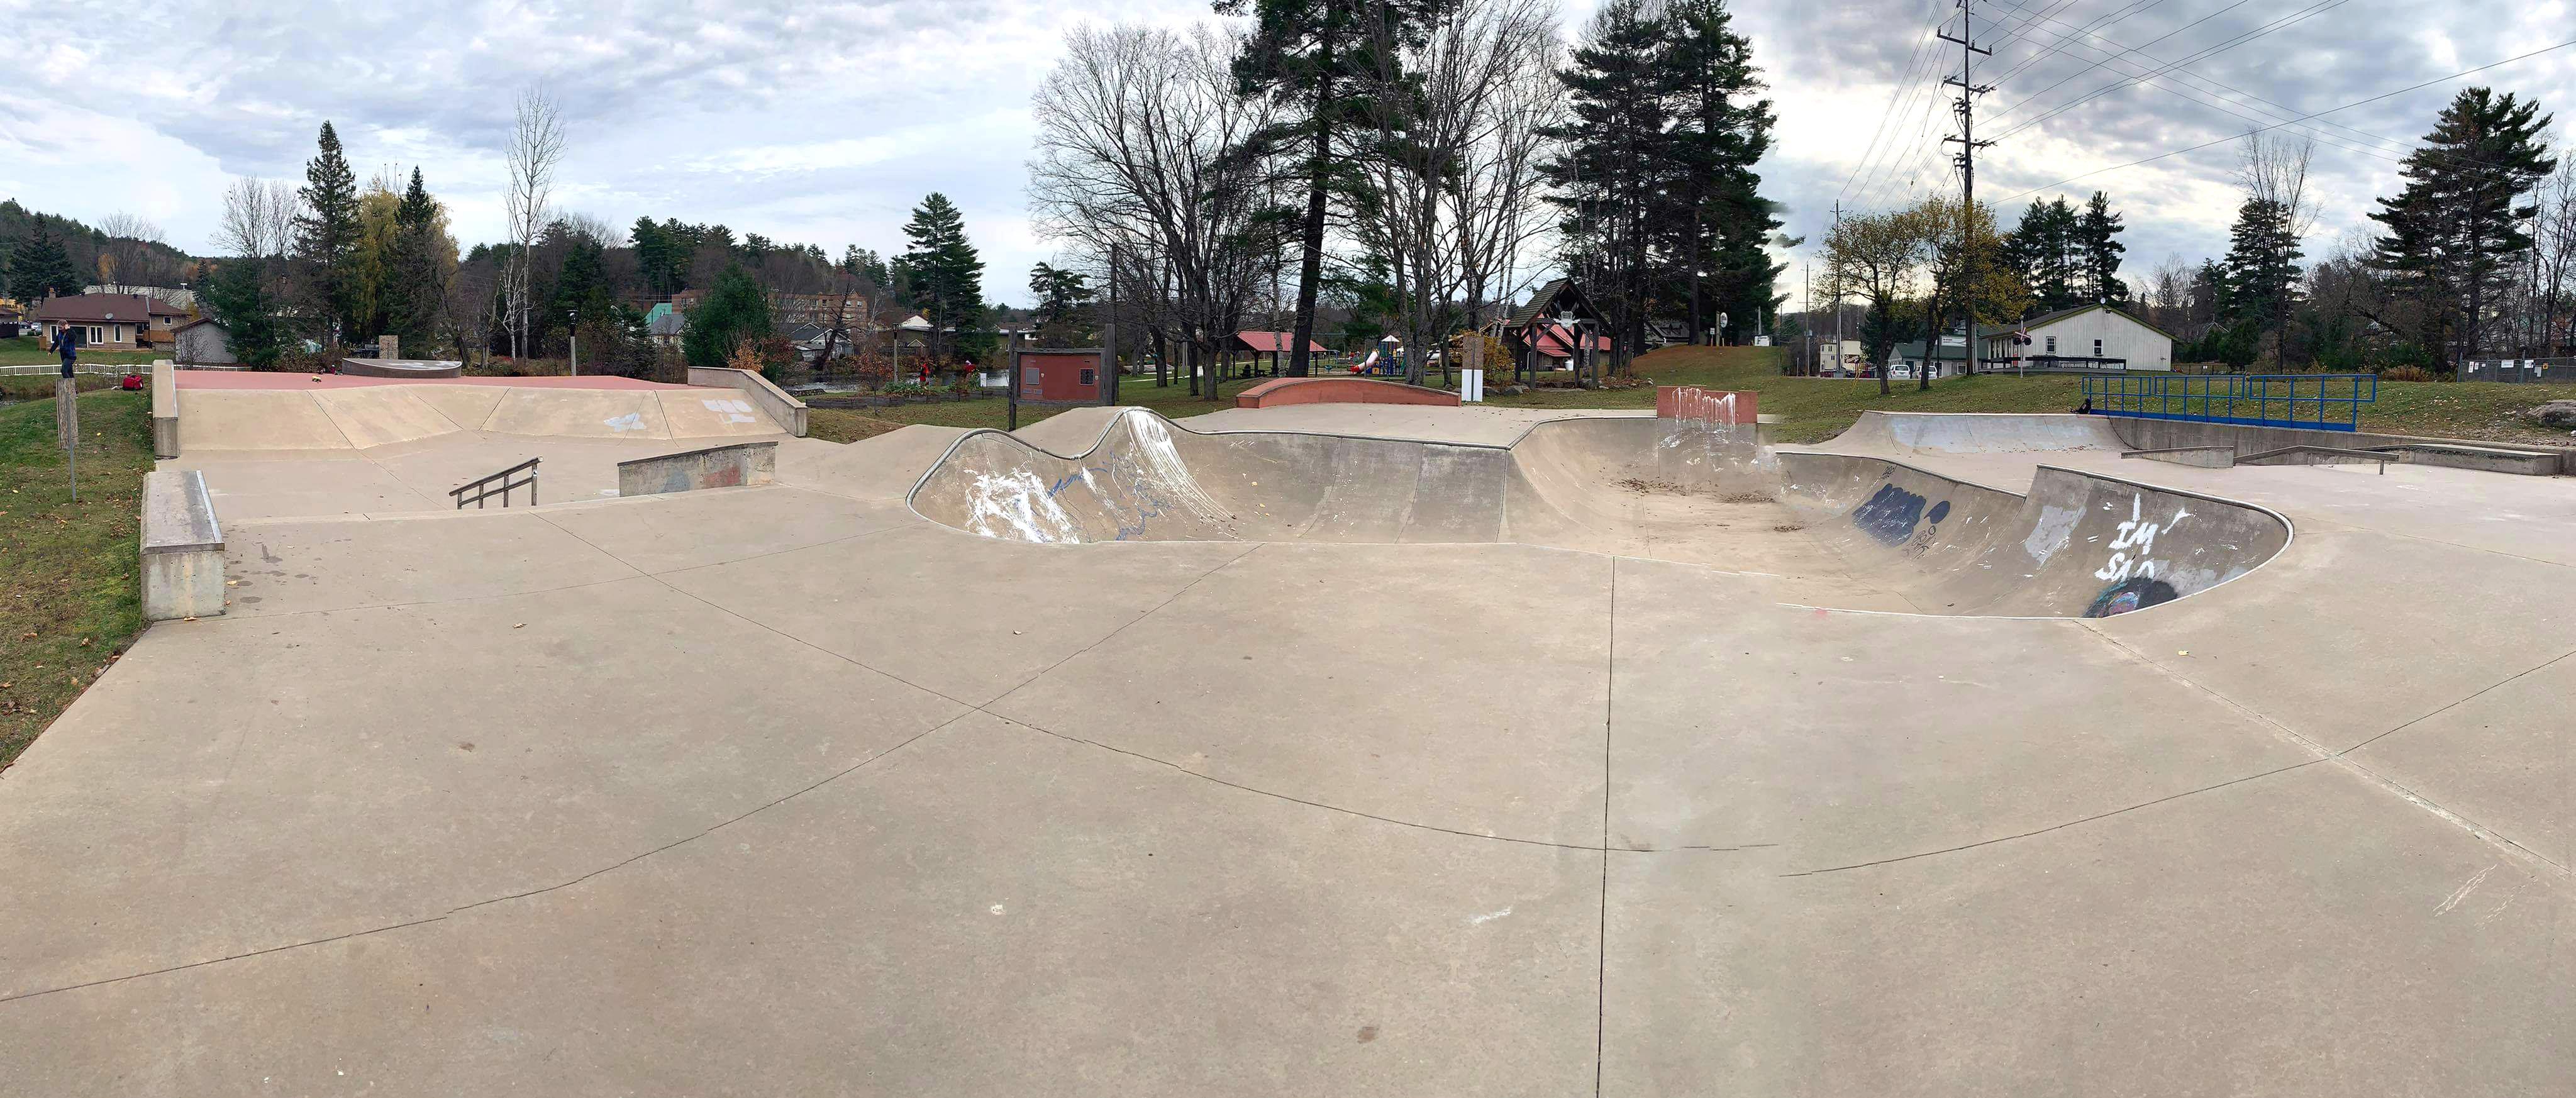 Bancroft skatepark